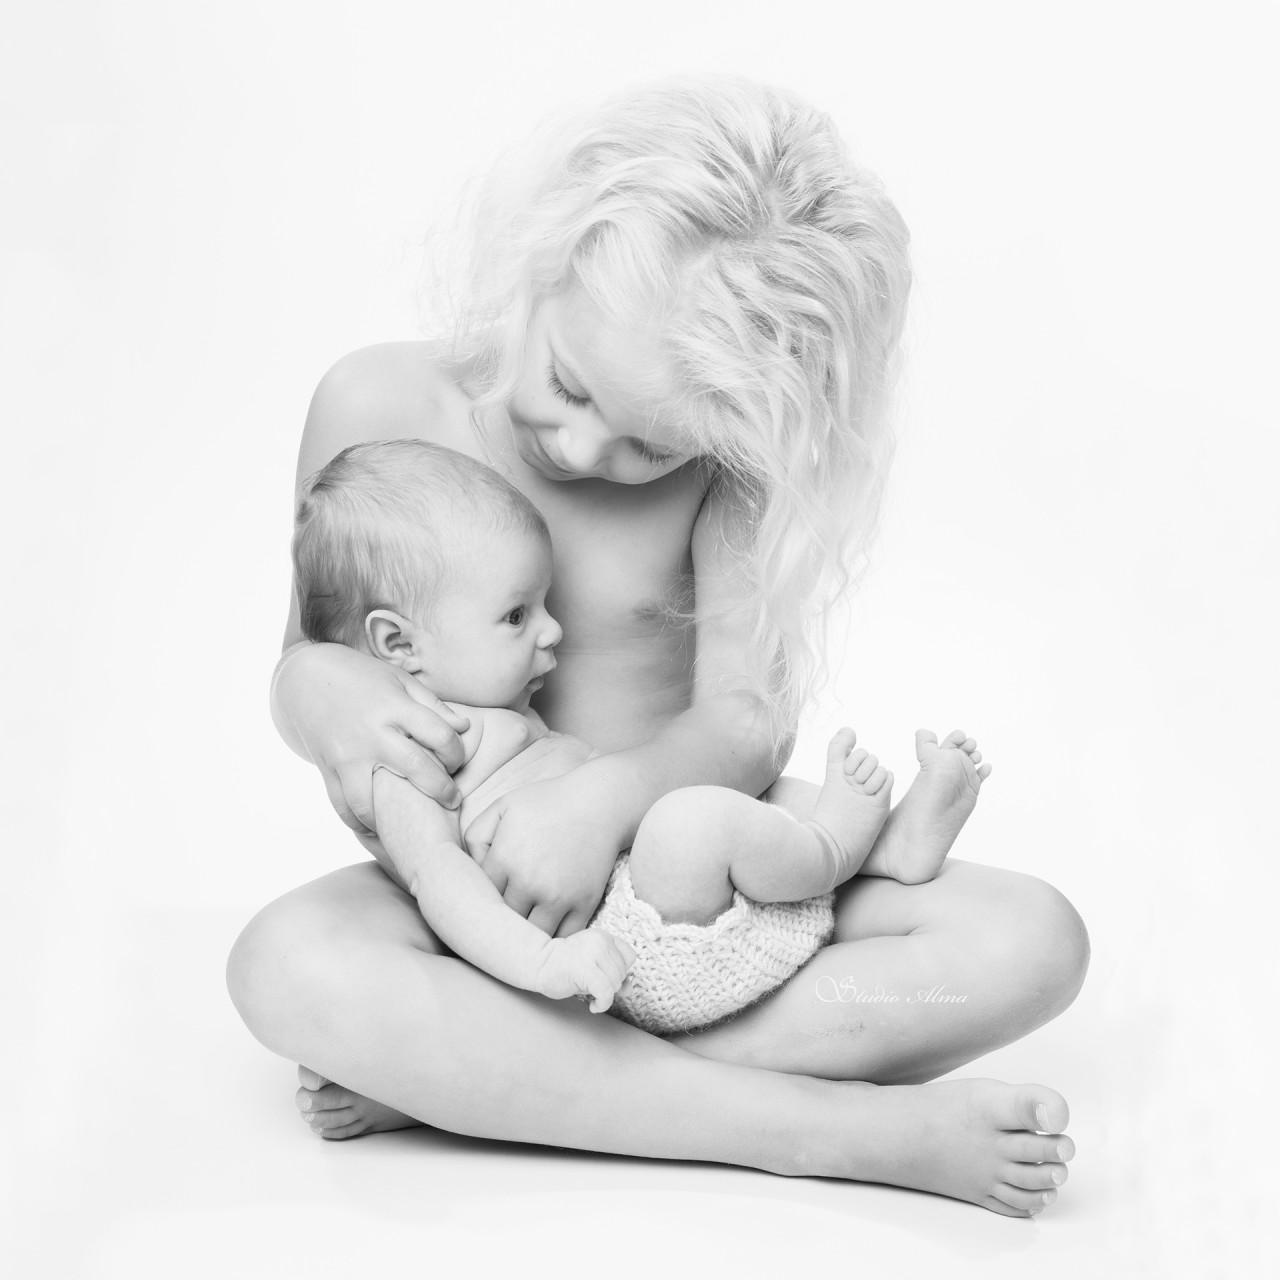 søstre-studioalma-lillesøster-nyfødt